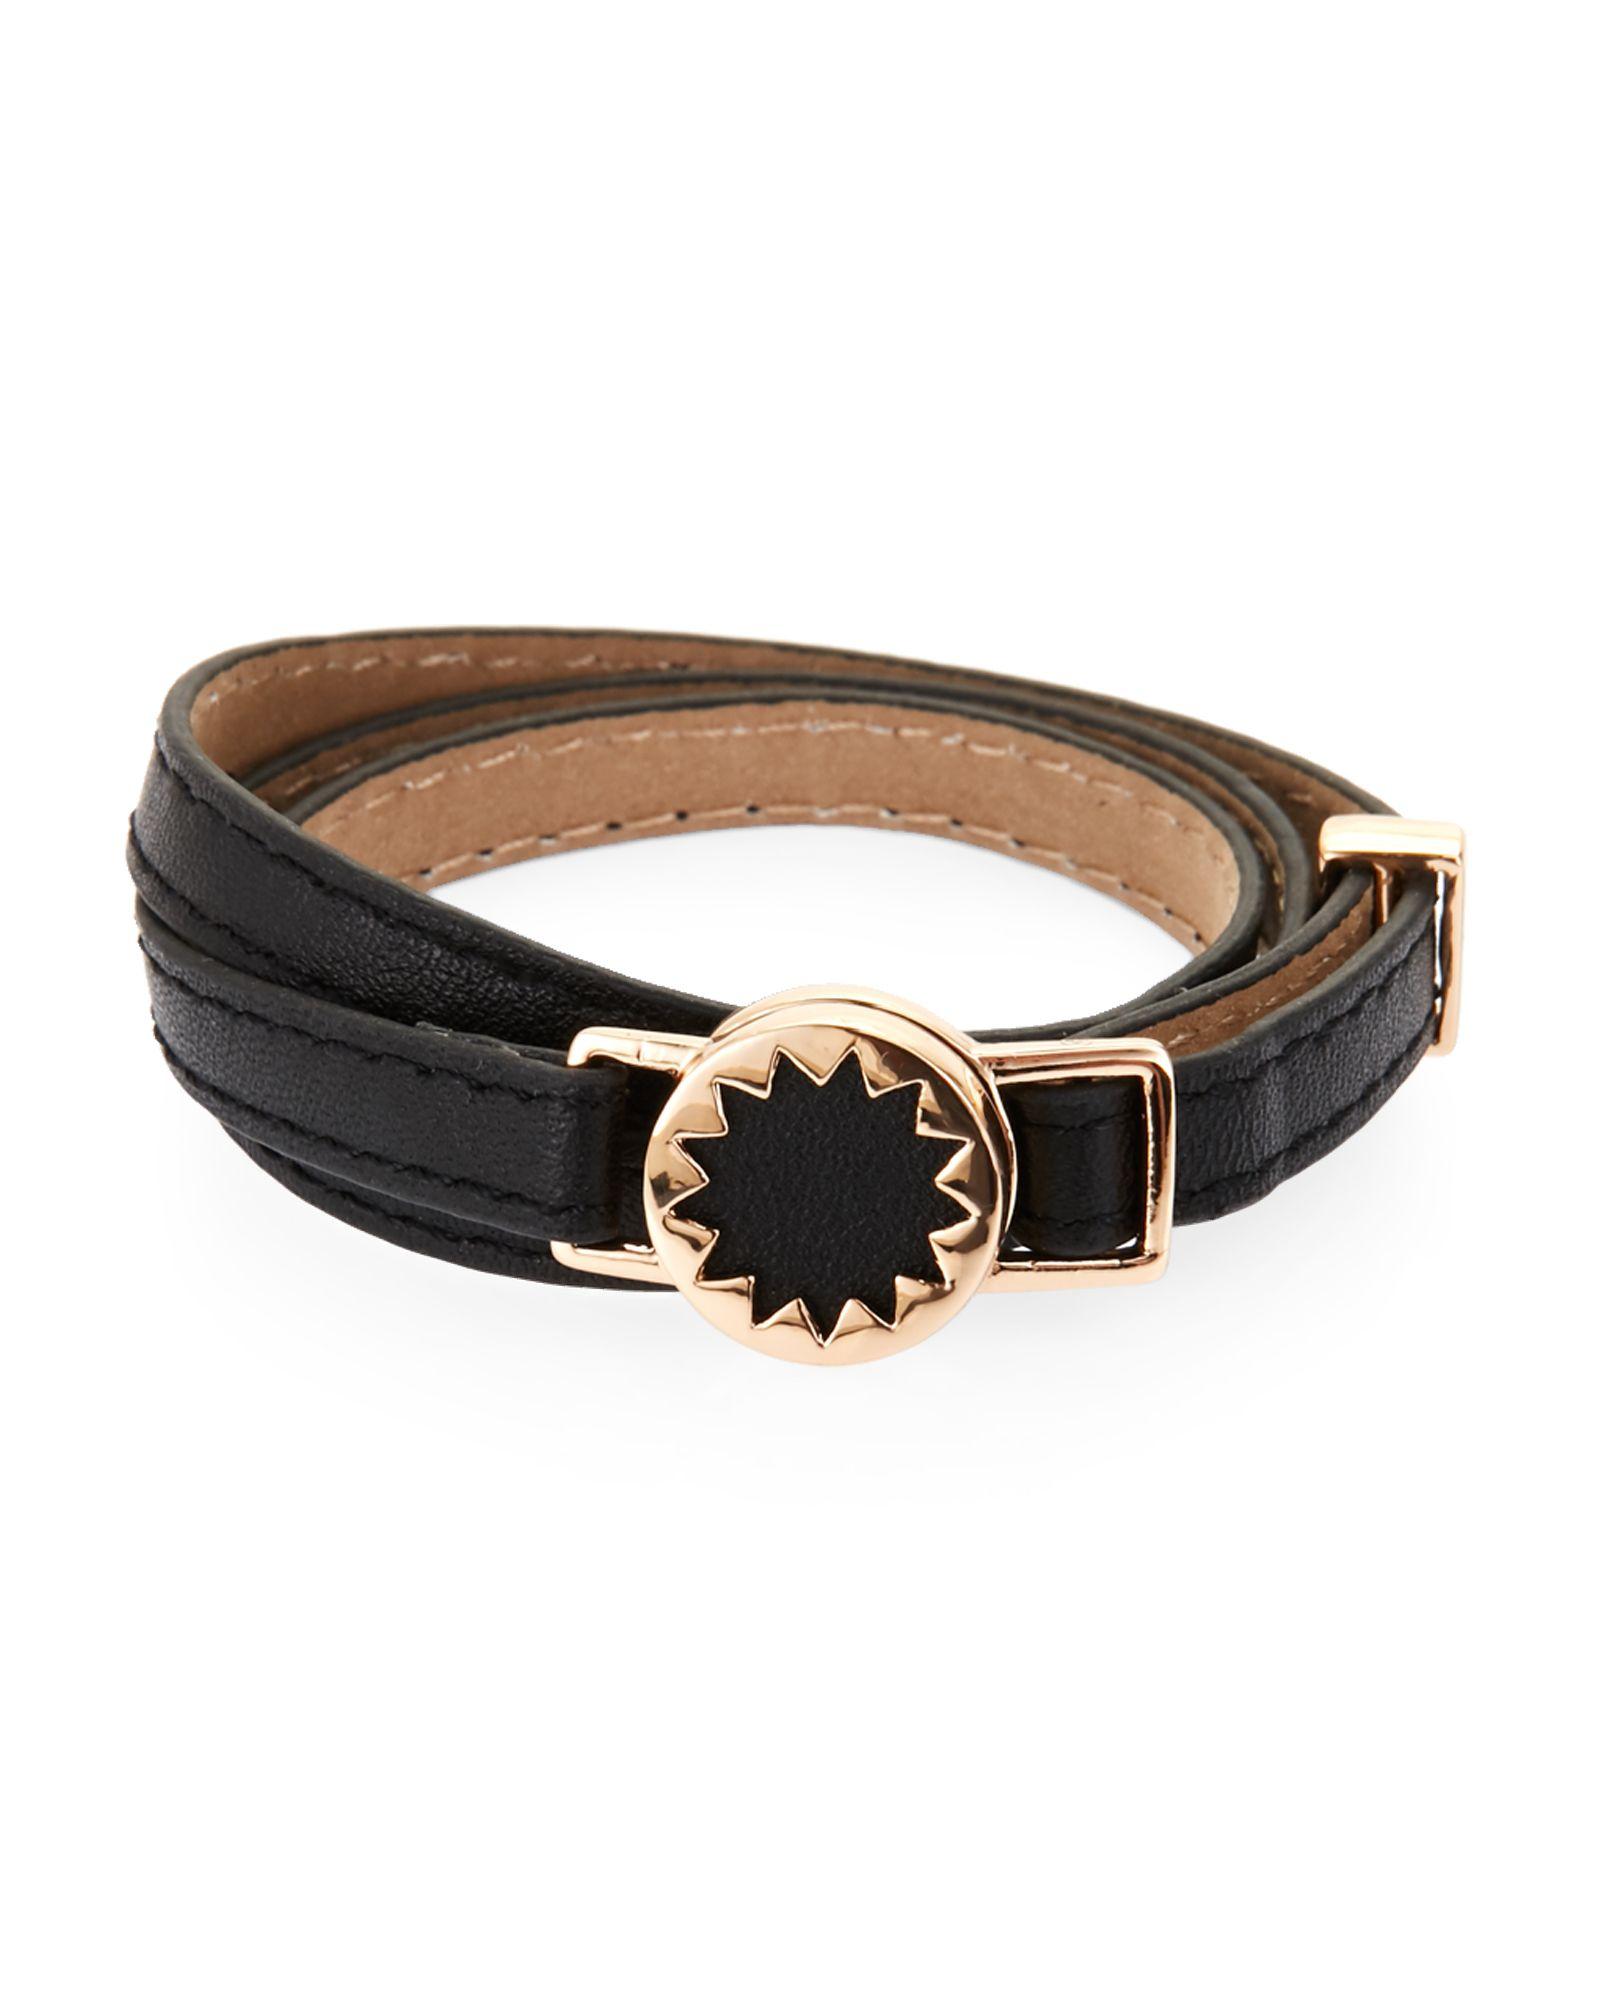 House Of Harlow 1960 Sunburst Leather Wrap Bracelet